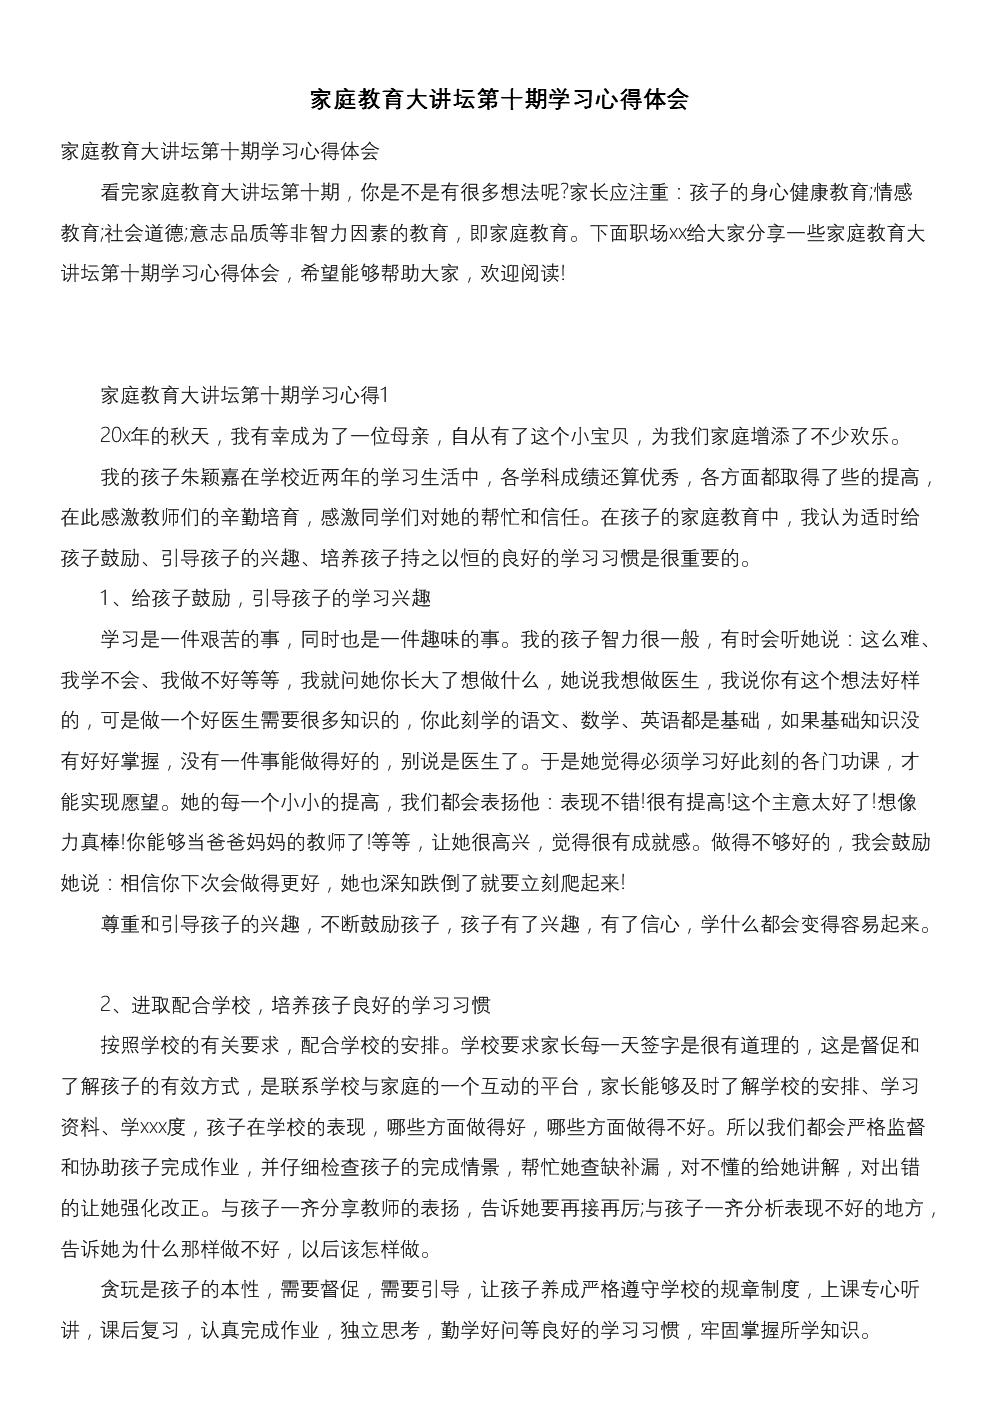 家庭教育大讲坛第十期学习心得体会.docx